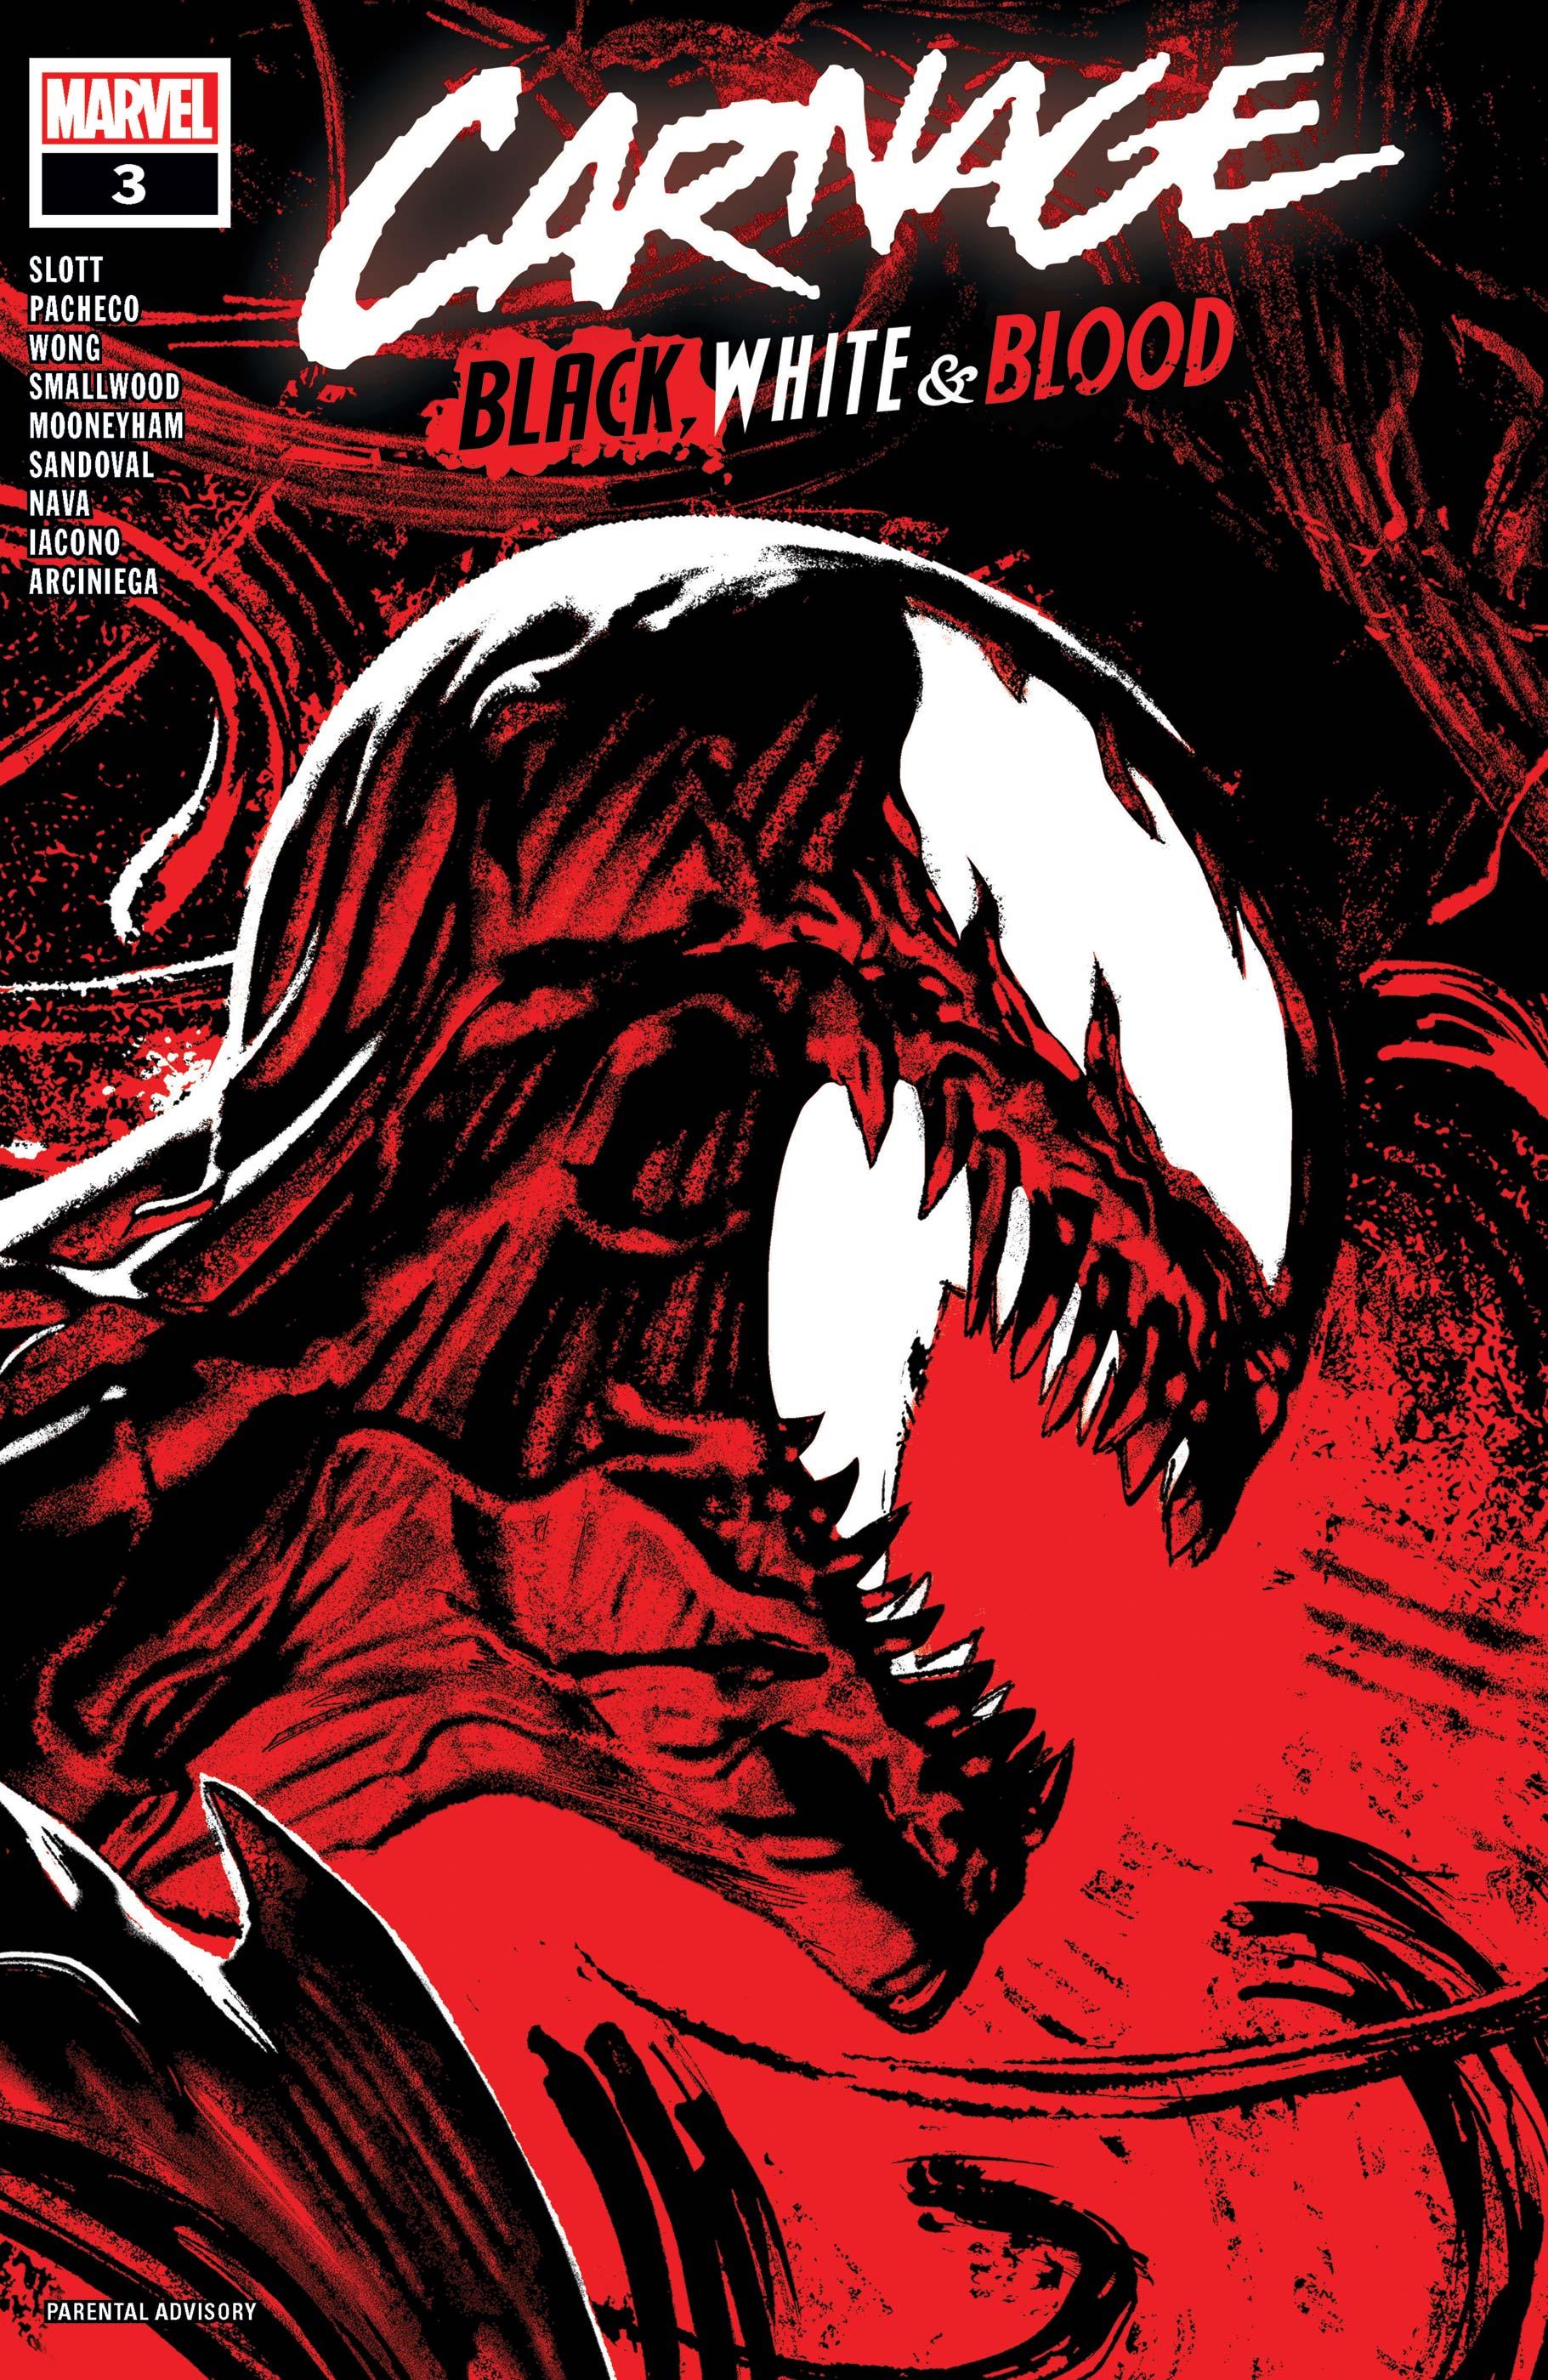 Carnage: Black, White & Blood (2021) #3